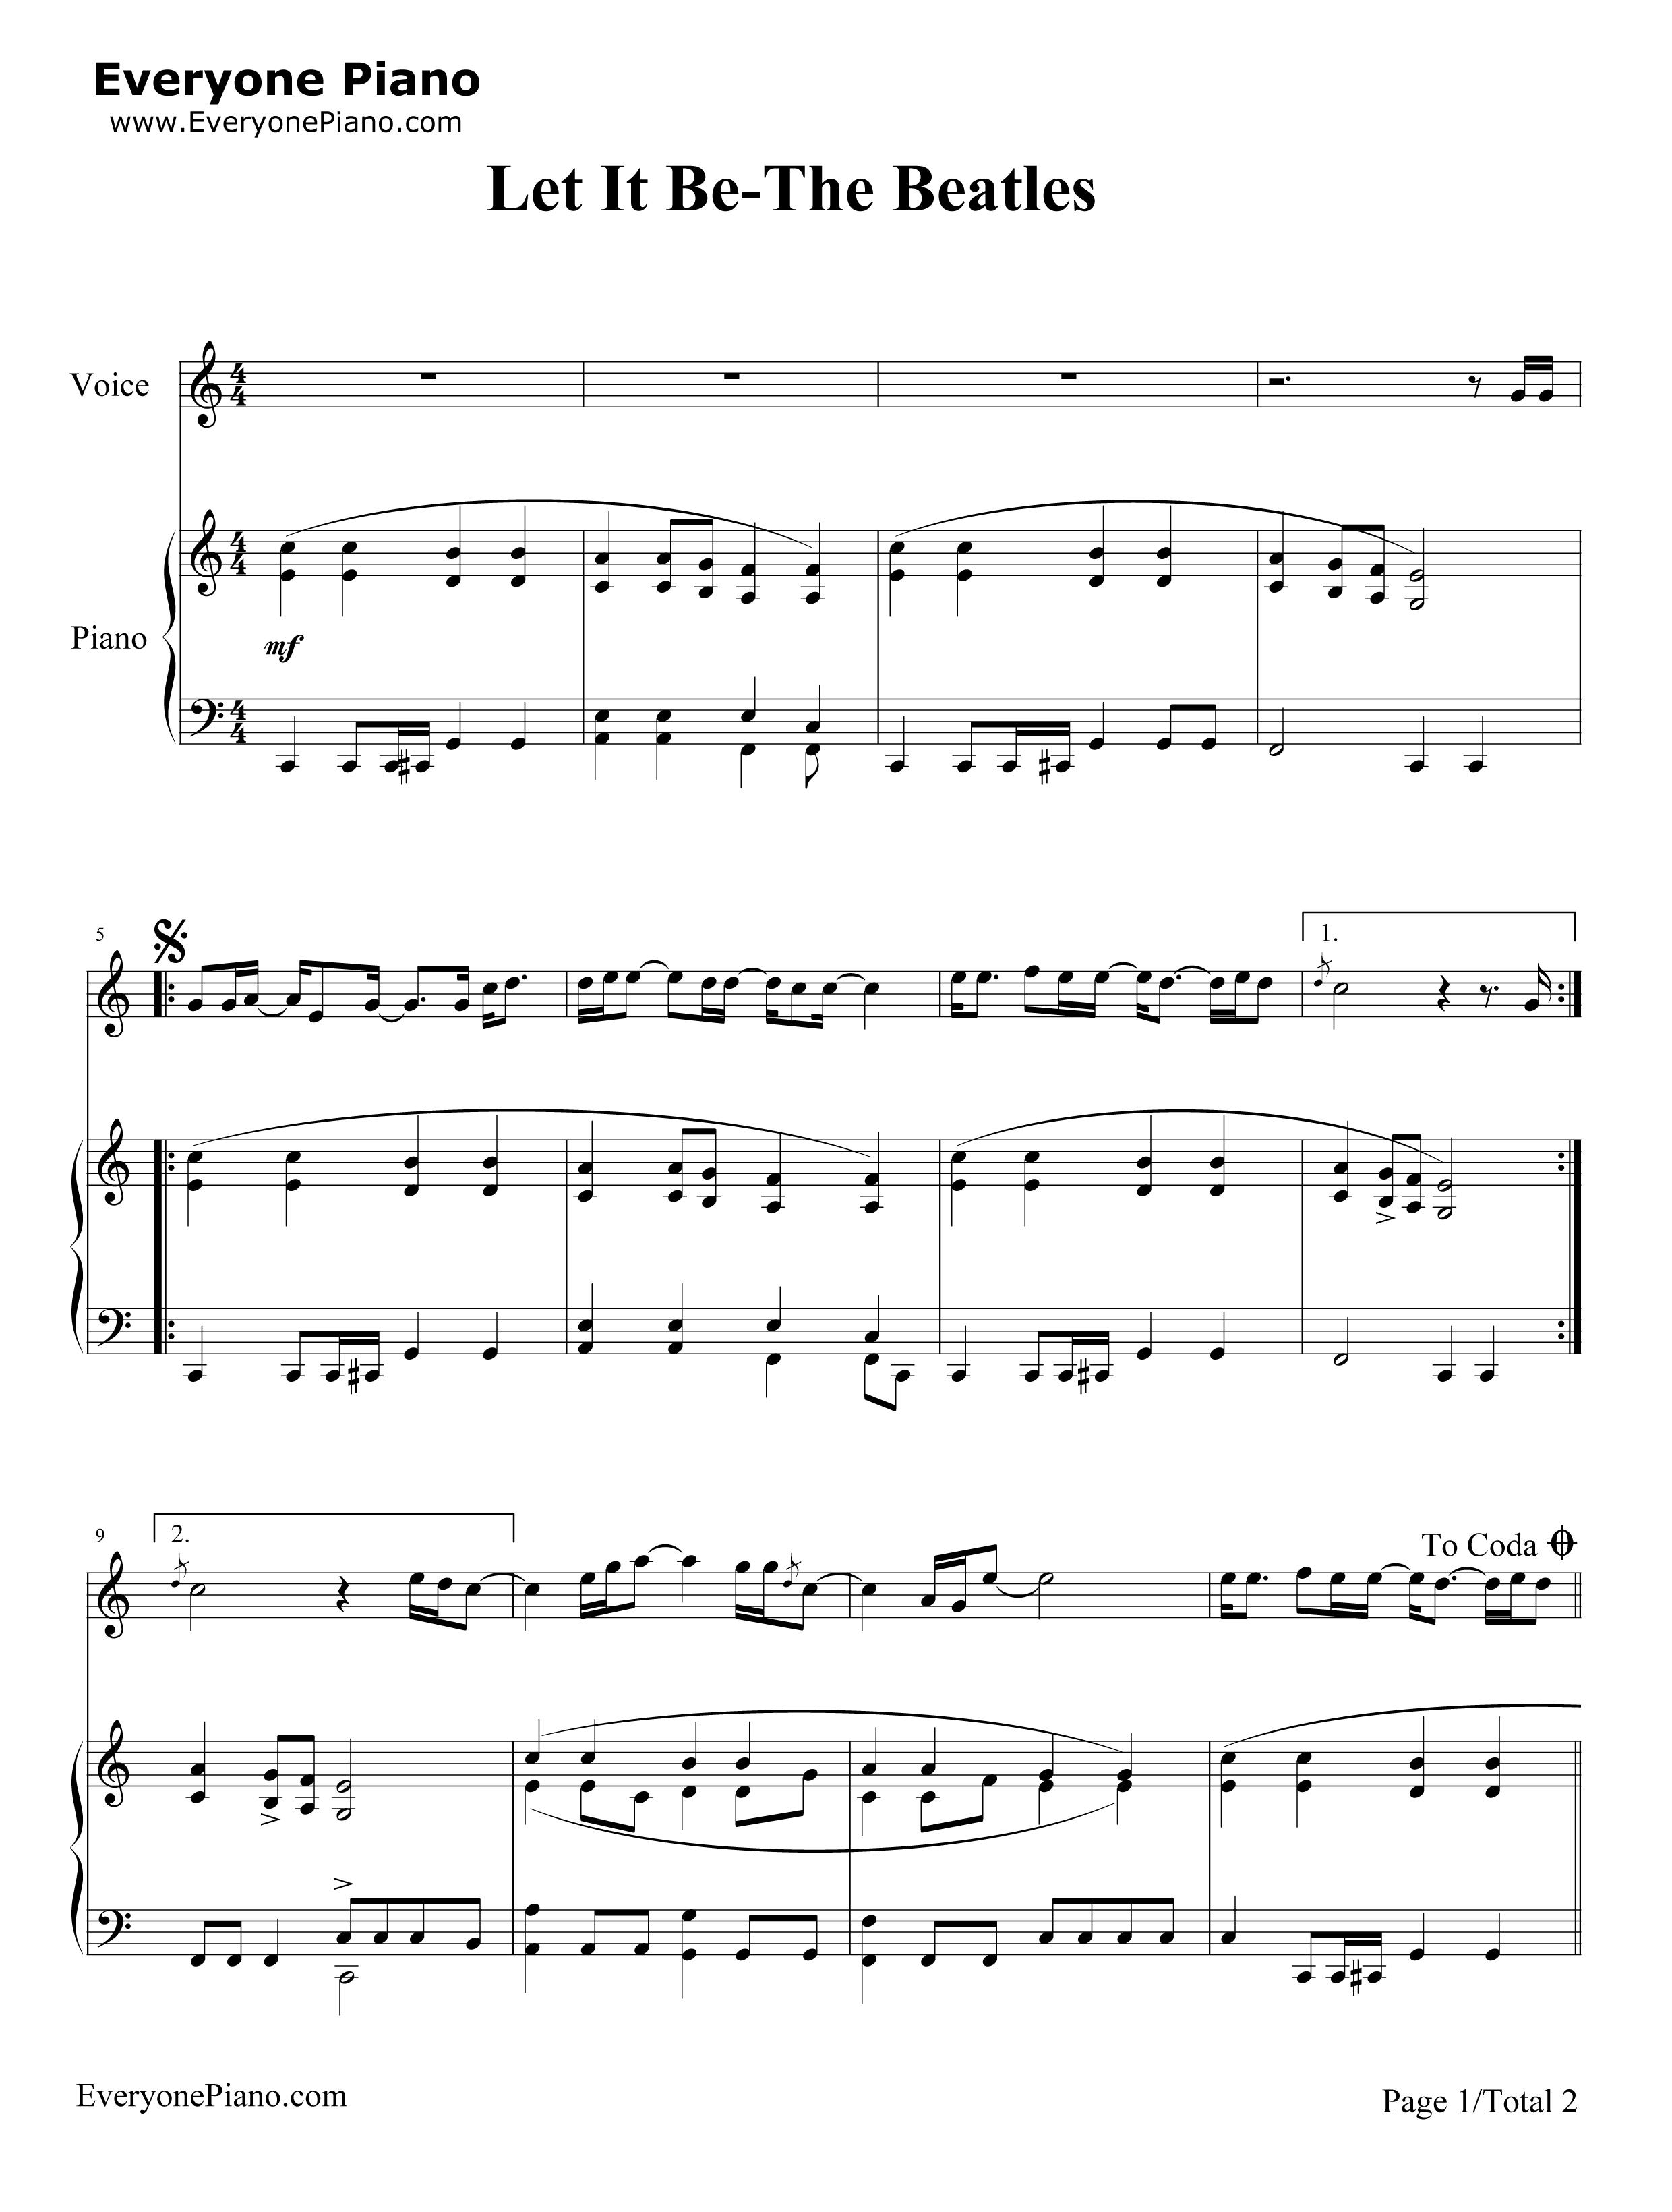 レットイットビー 楽譜